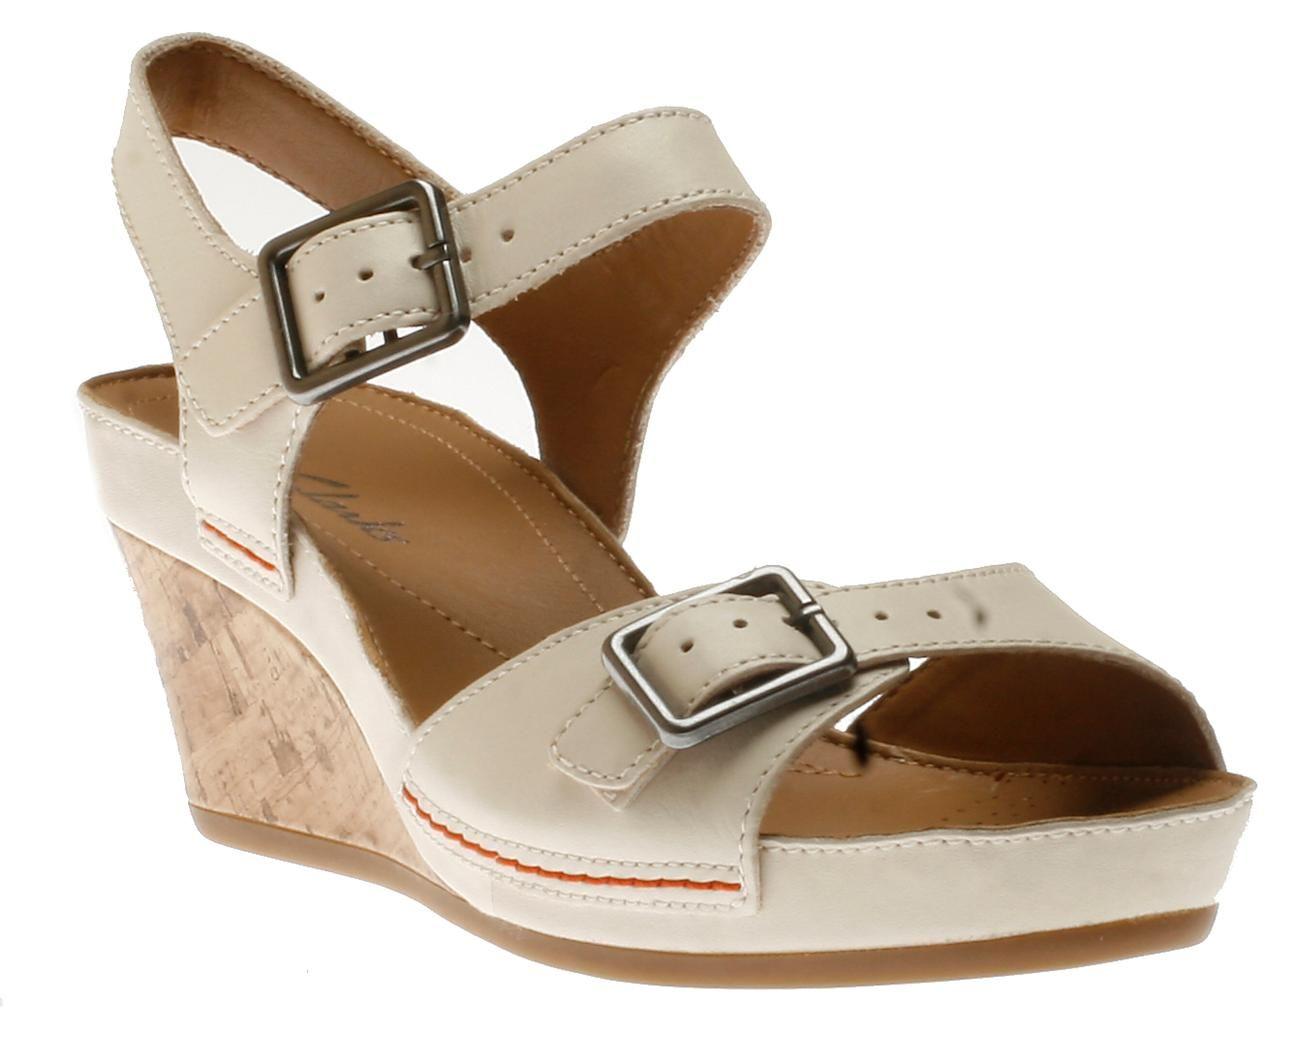 Cotton 26102303 Women's Sandal Shoes